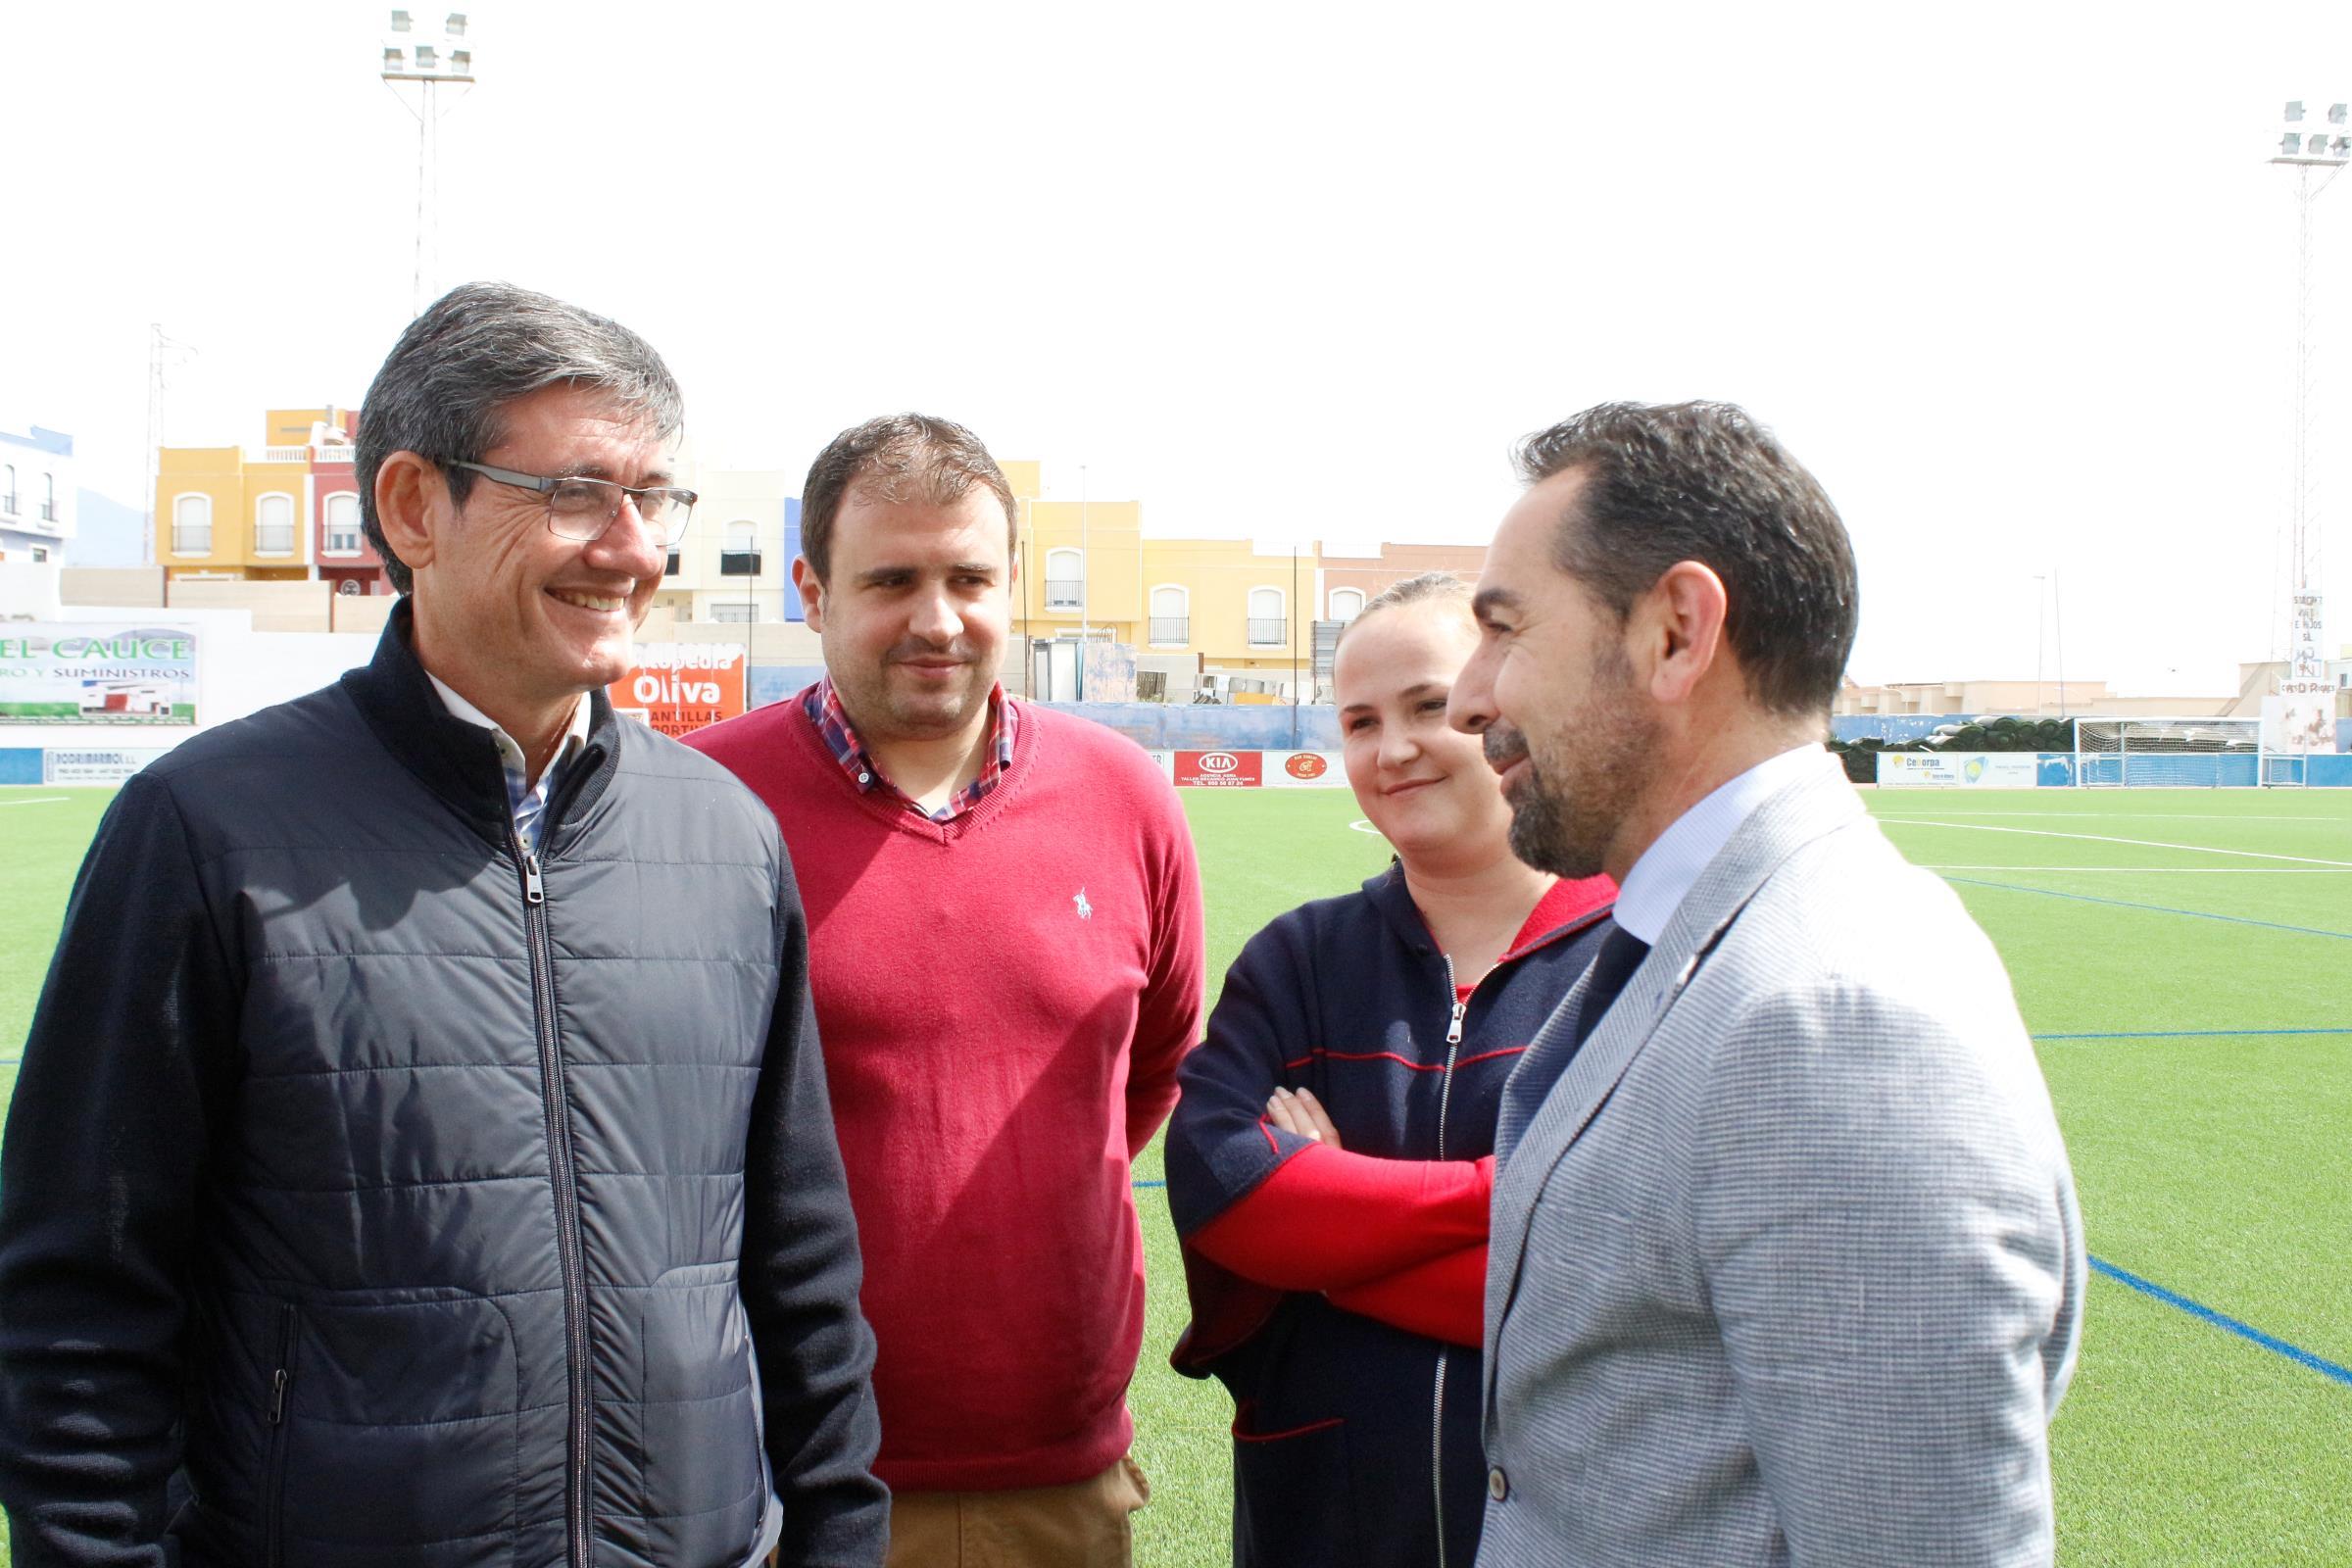 El alcalde de Adra anuncia la sustitución de la pista del Pabellón y la instalación de un skatepark